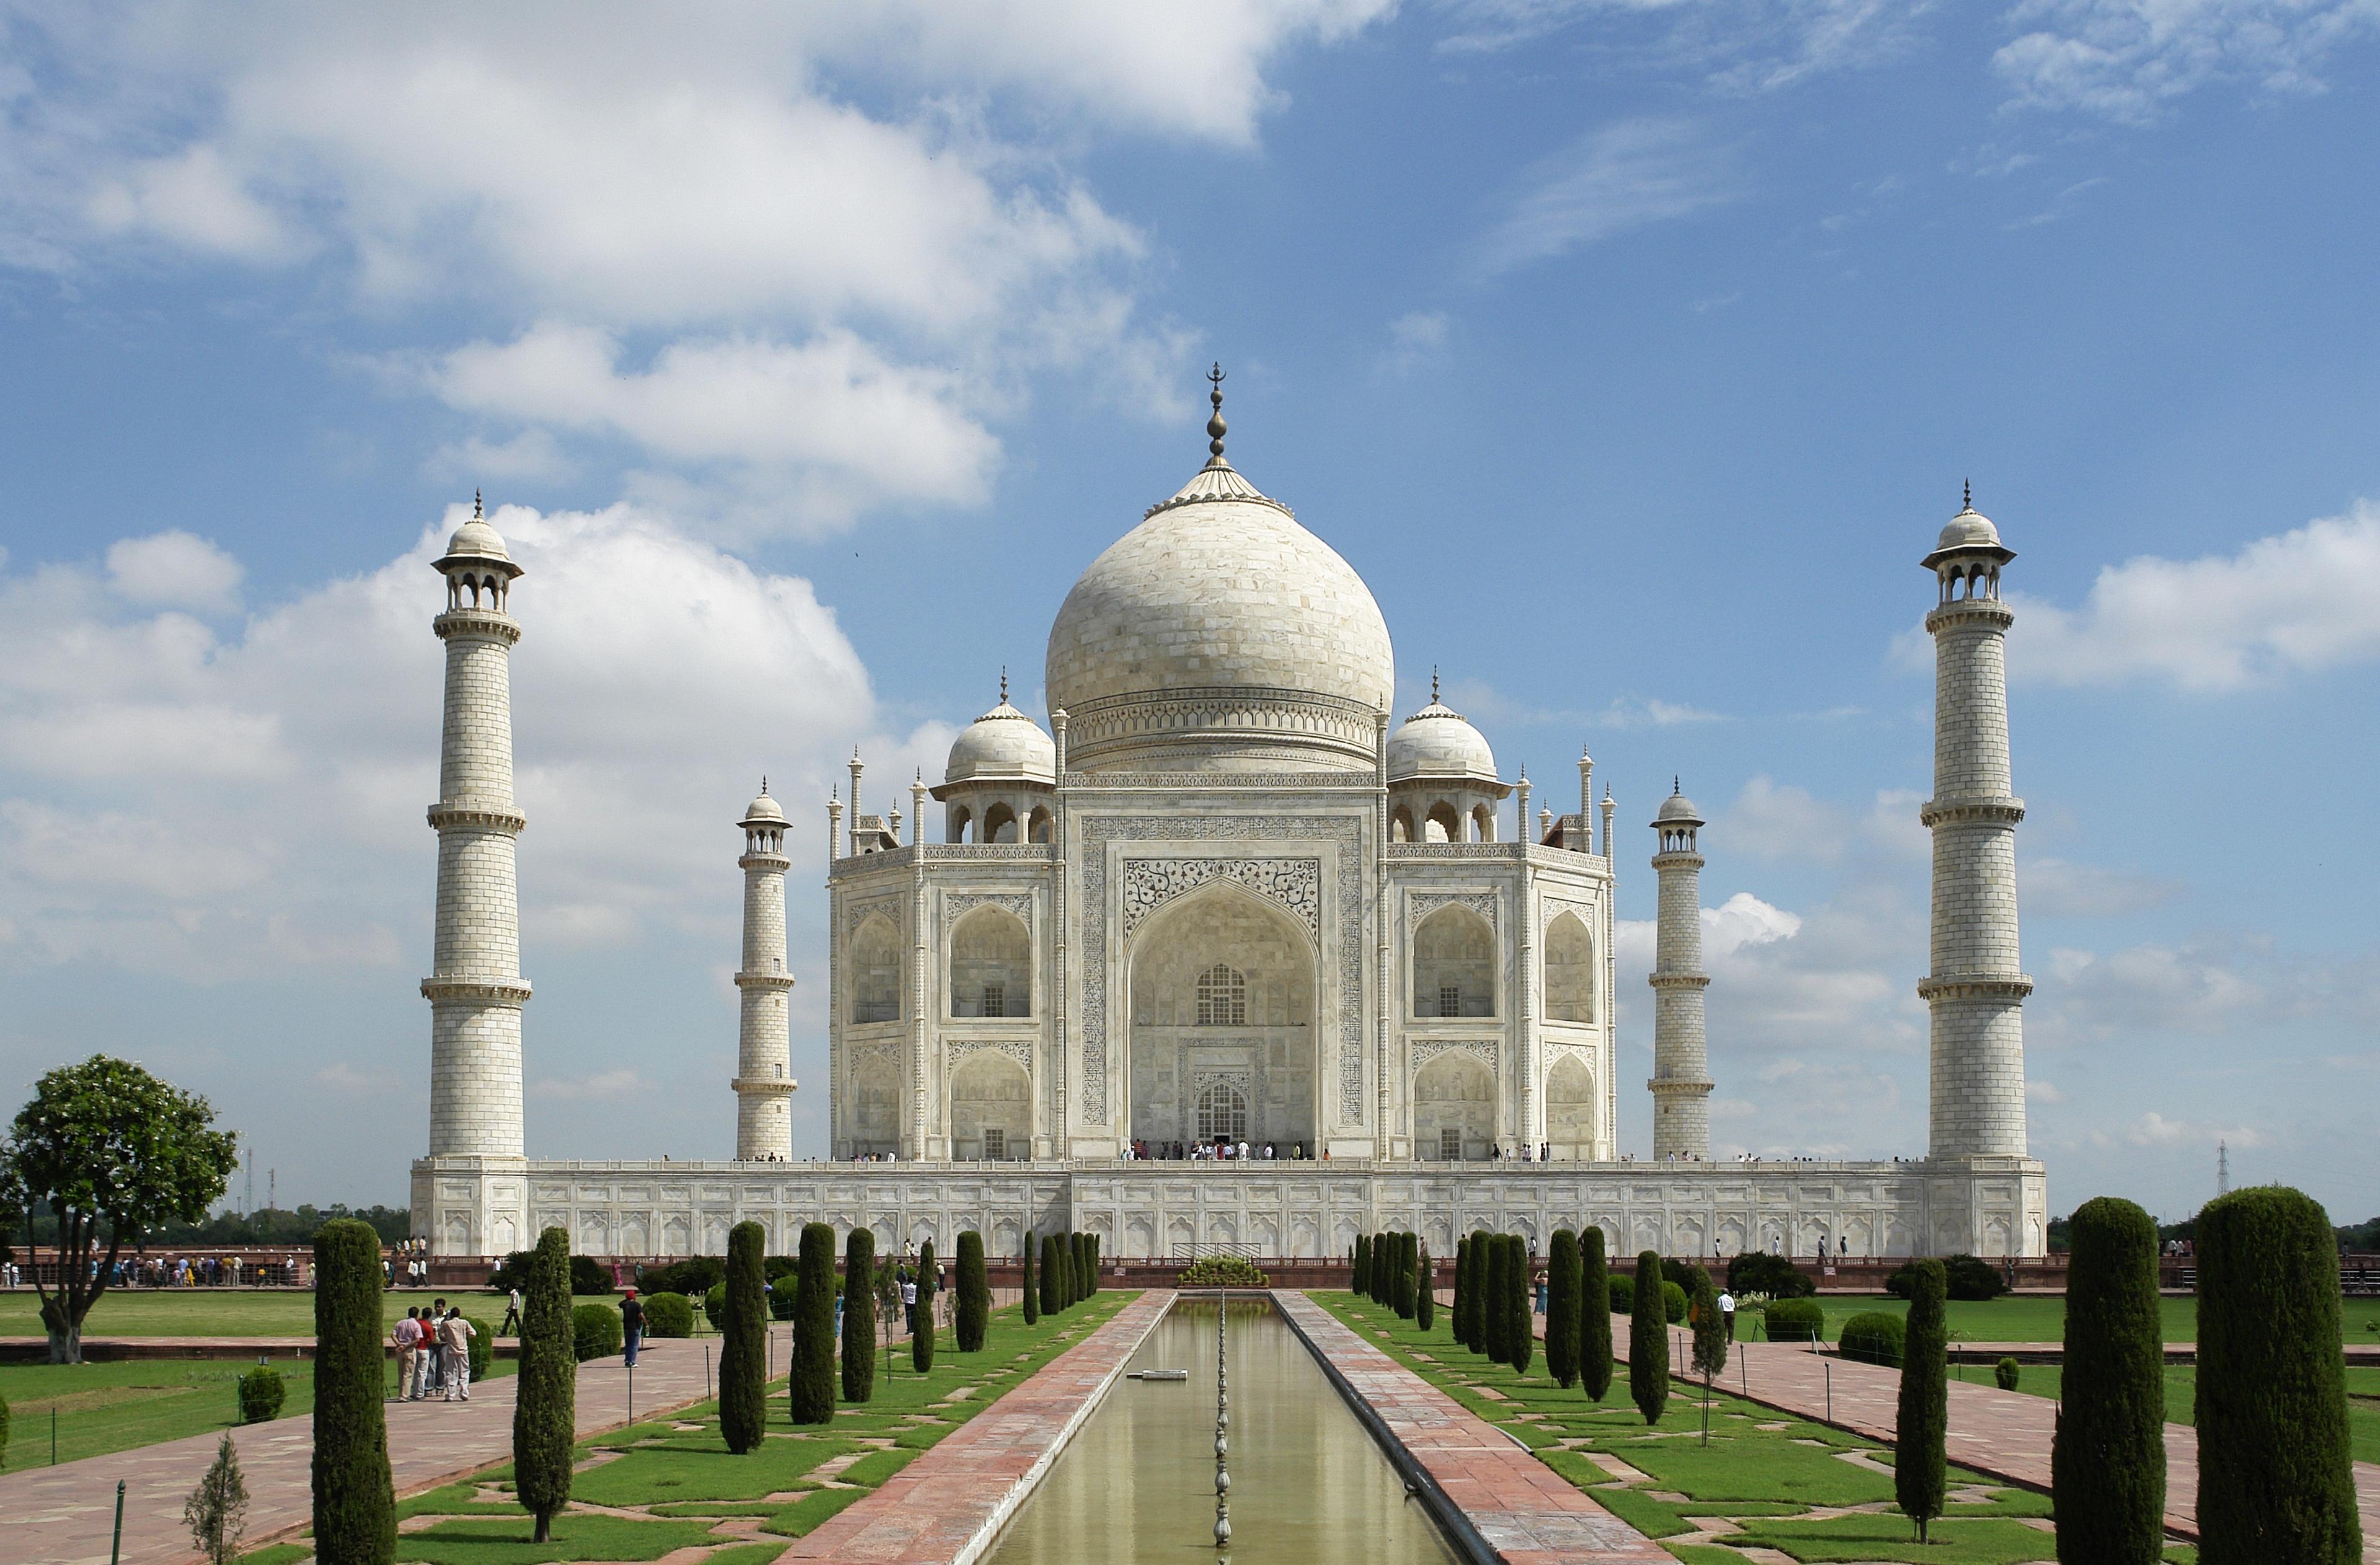 Las tumbas más famosas y visitadas del mundo Taj Mahal